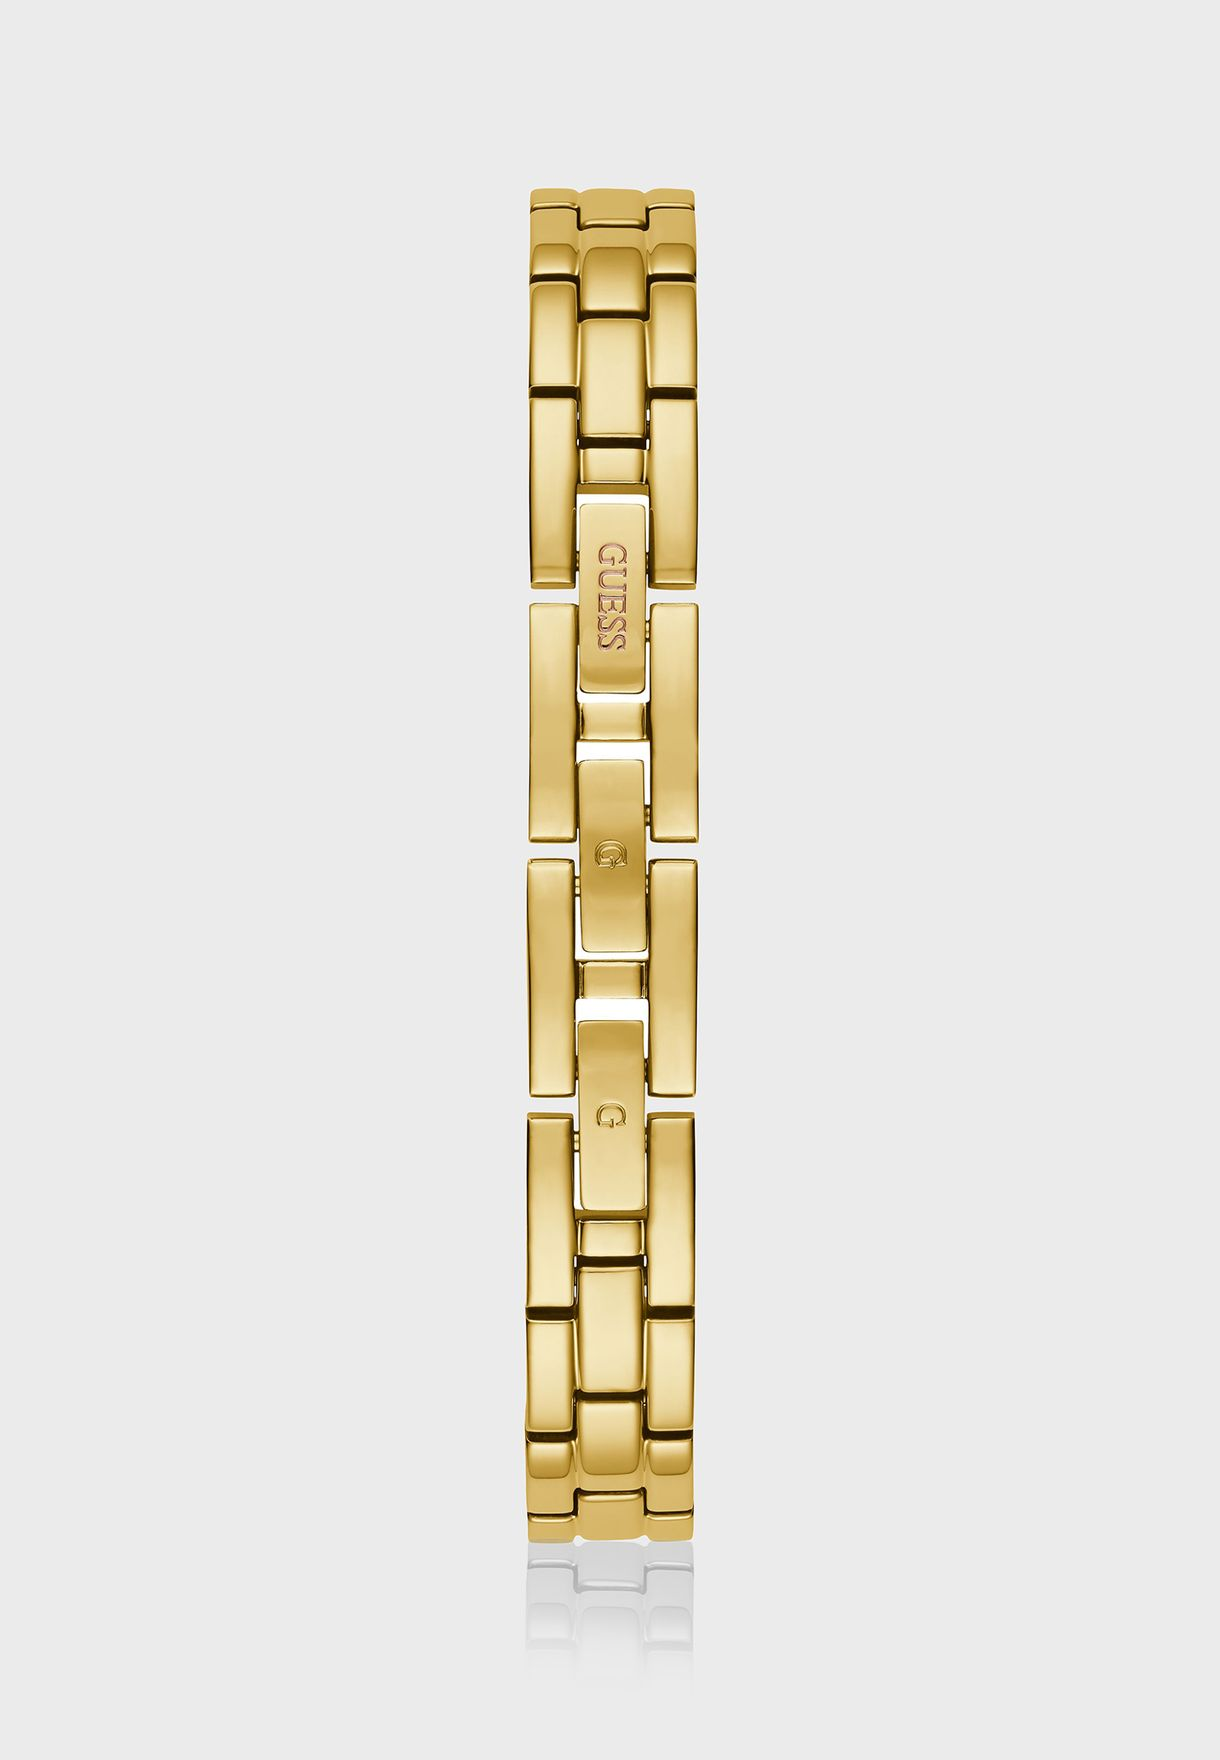 ساعة انالوج مزينة بشعار الماركة